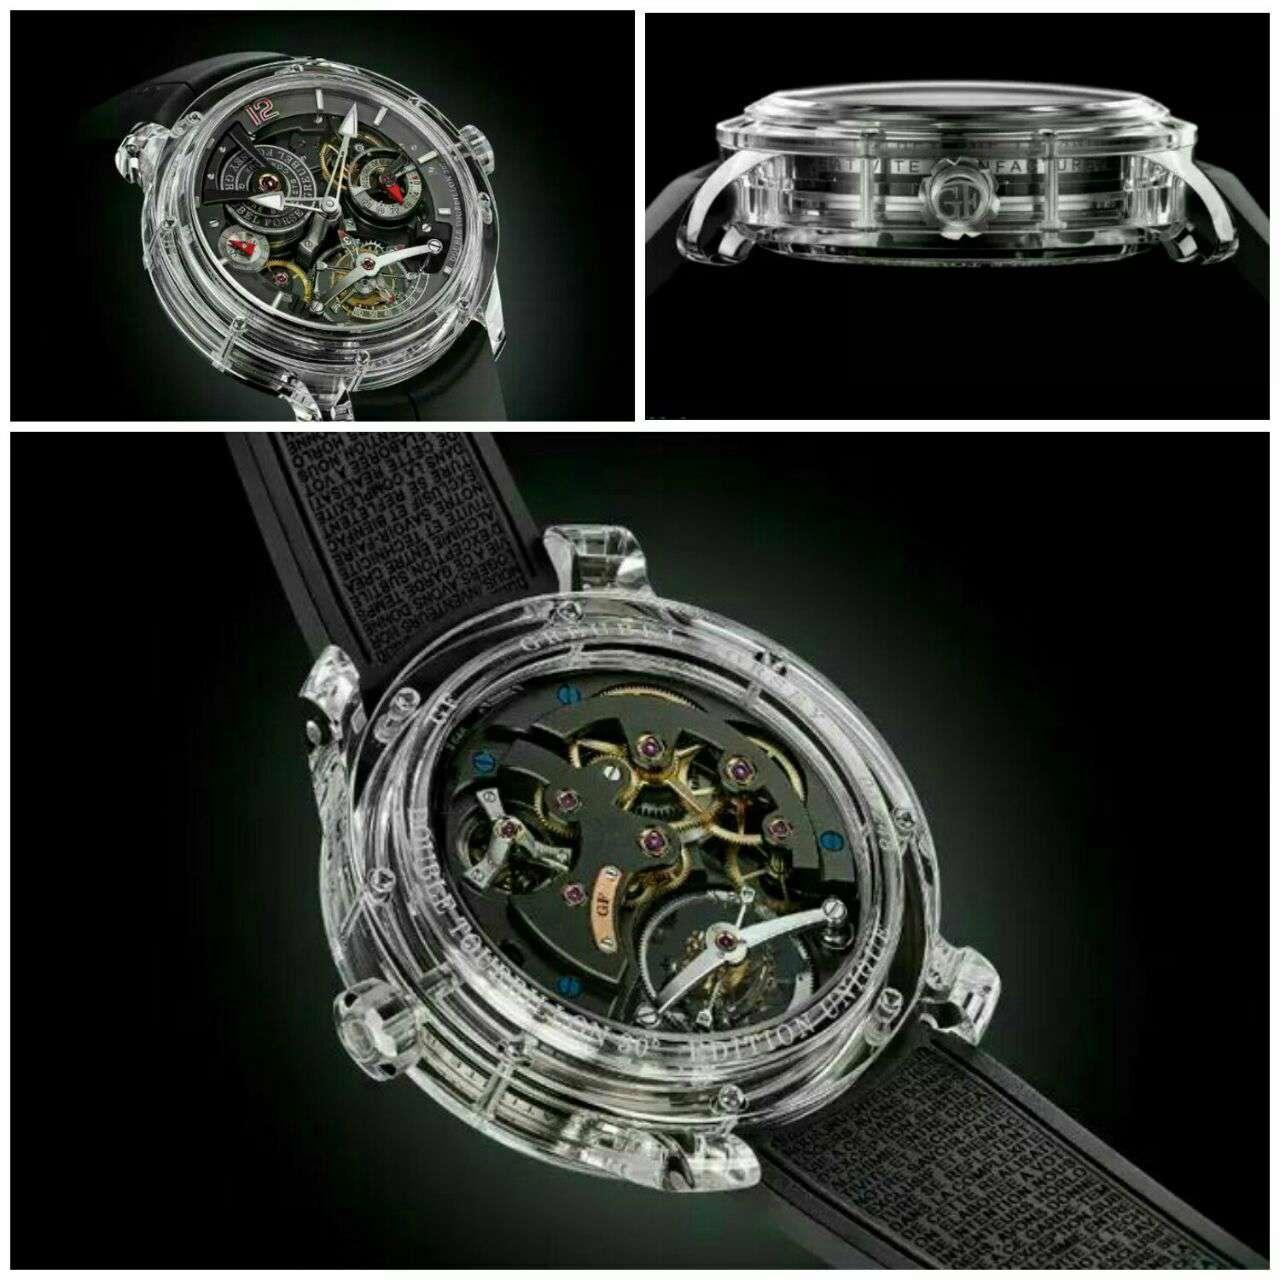 """قیمت این ساعت """"شیشه ای"""" یک میلیون دلار است"""